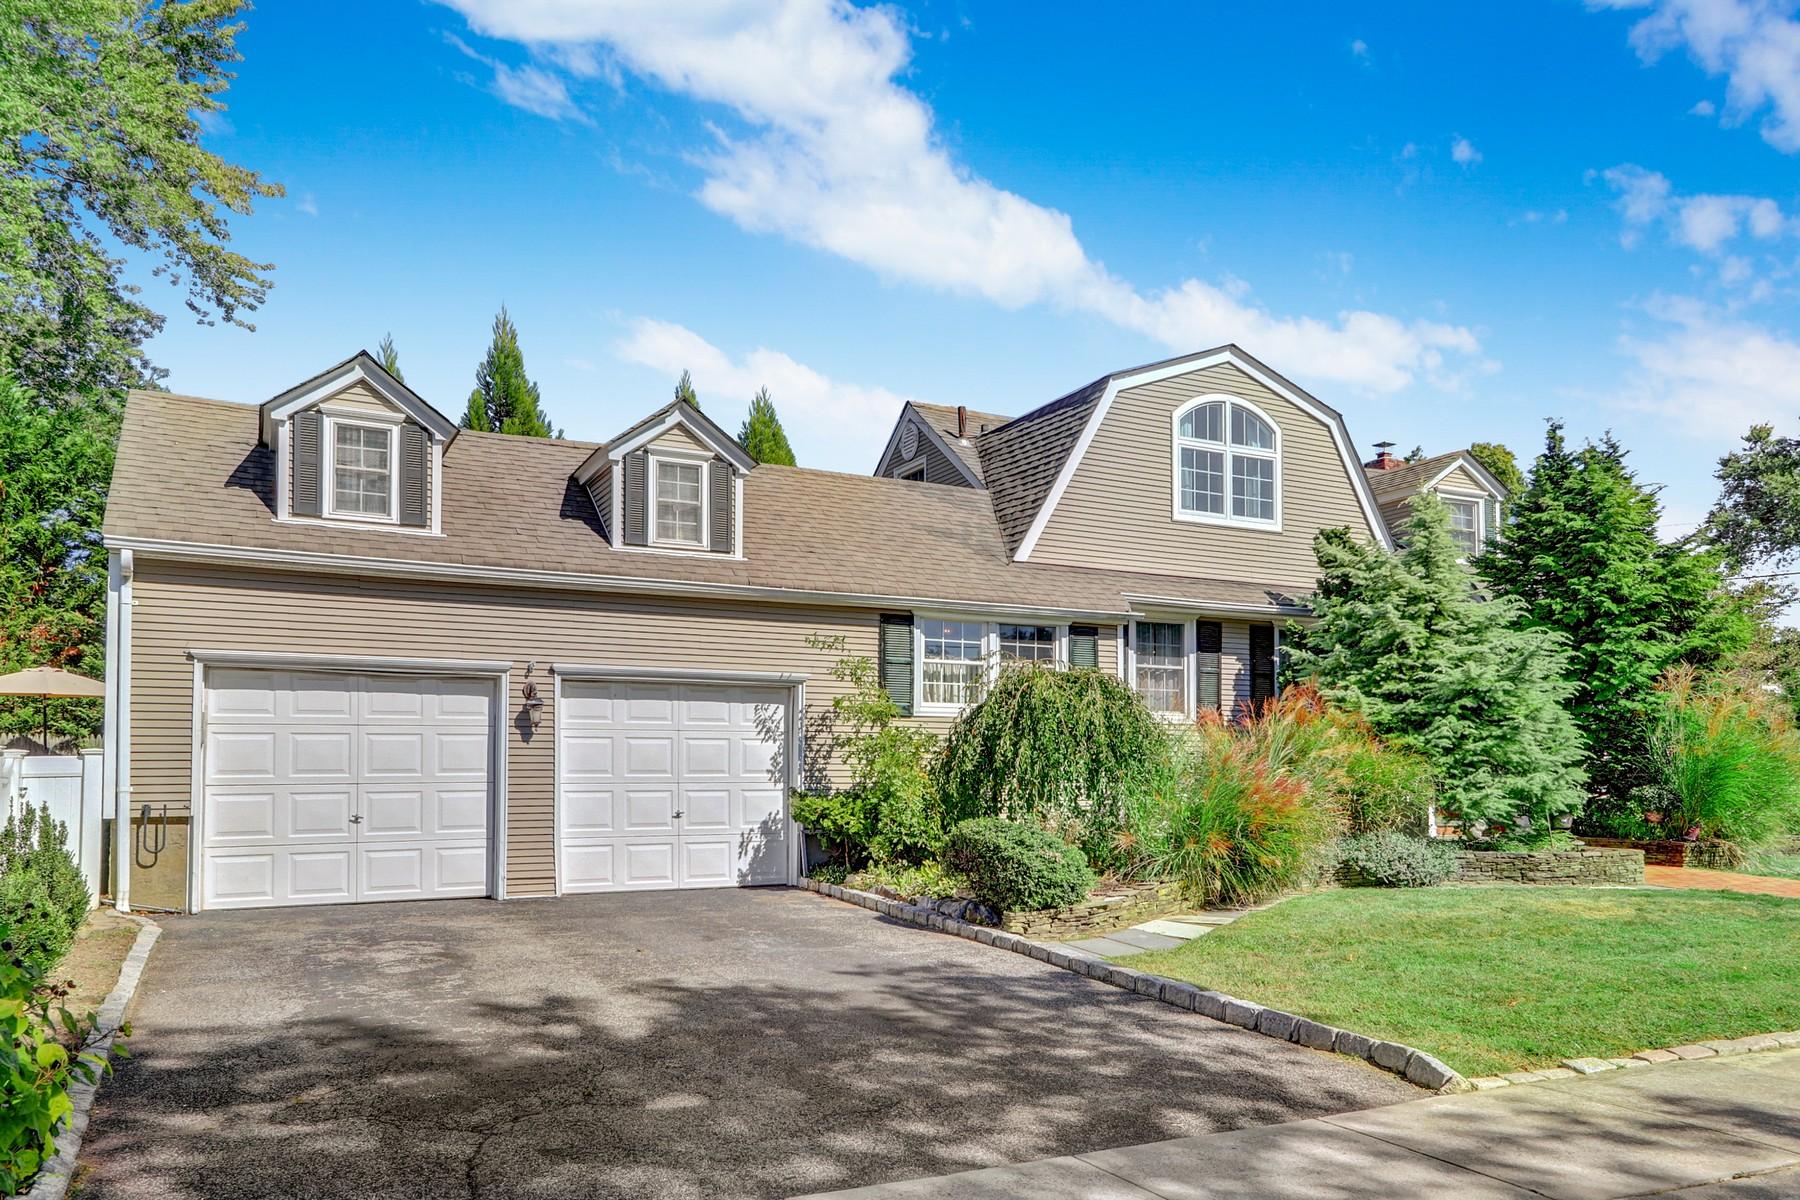 Single Family Homes für Verkauf beim Massapequa 40 Hampton Blvd, Massapequa, New York 11758 Vereinigte Staaten